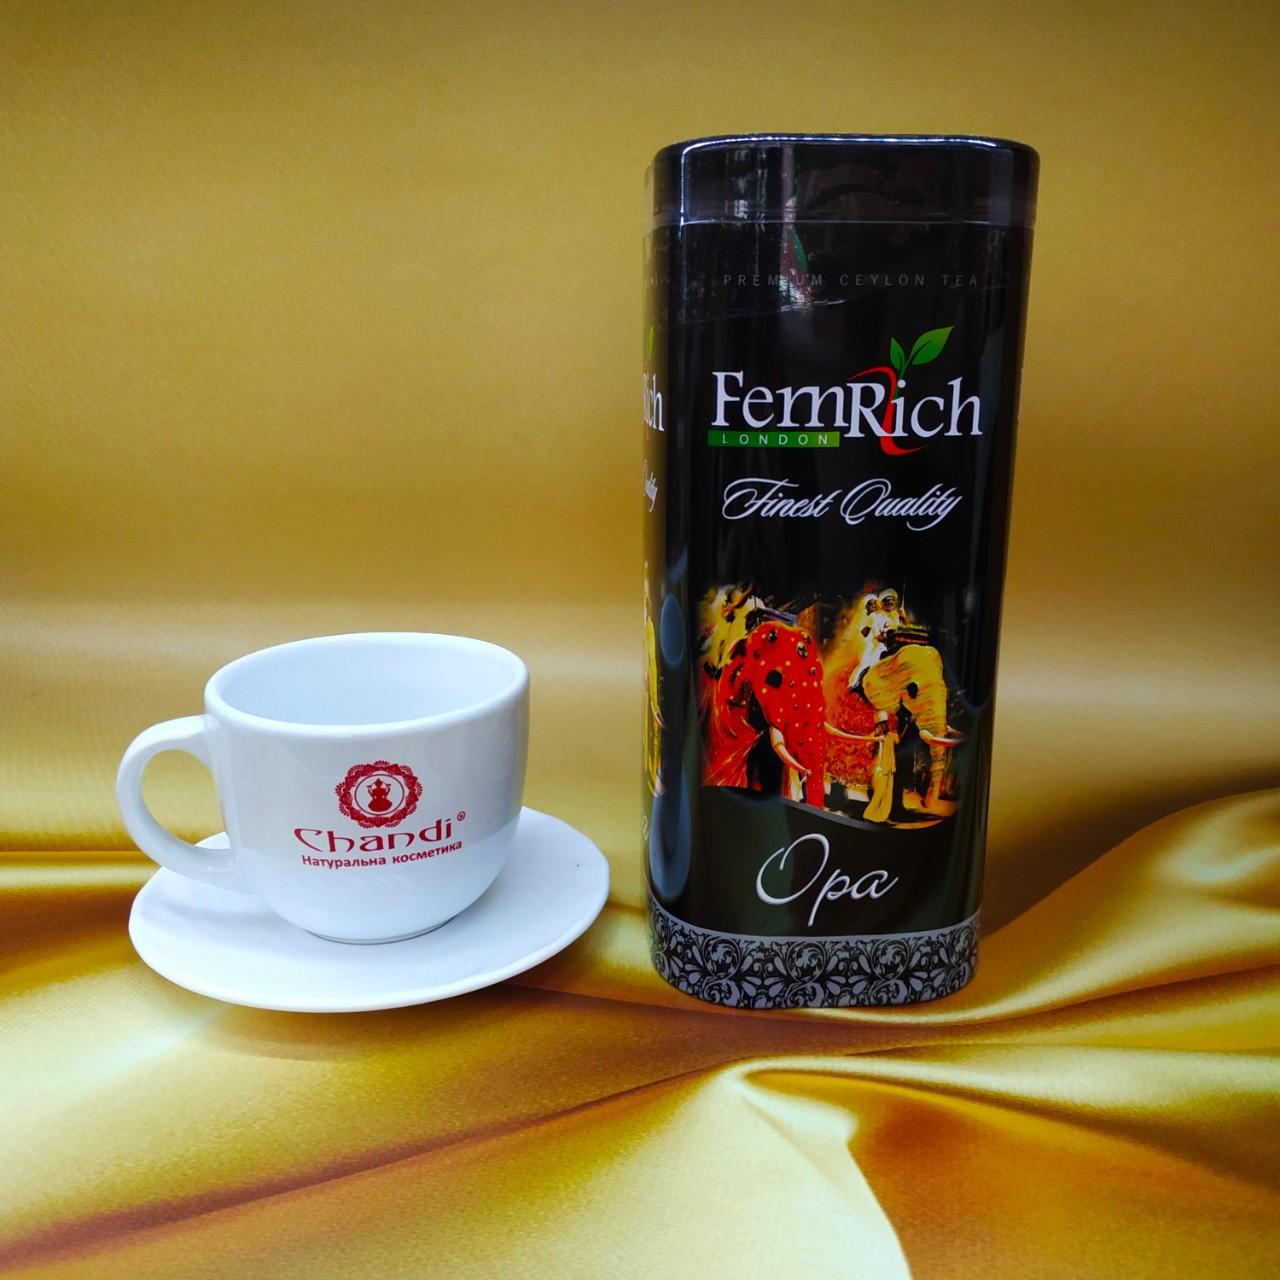 Черный чай ФемРич Королевский Слон - цейлонский чай FemRich Finest Quality OPA 300 г